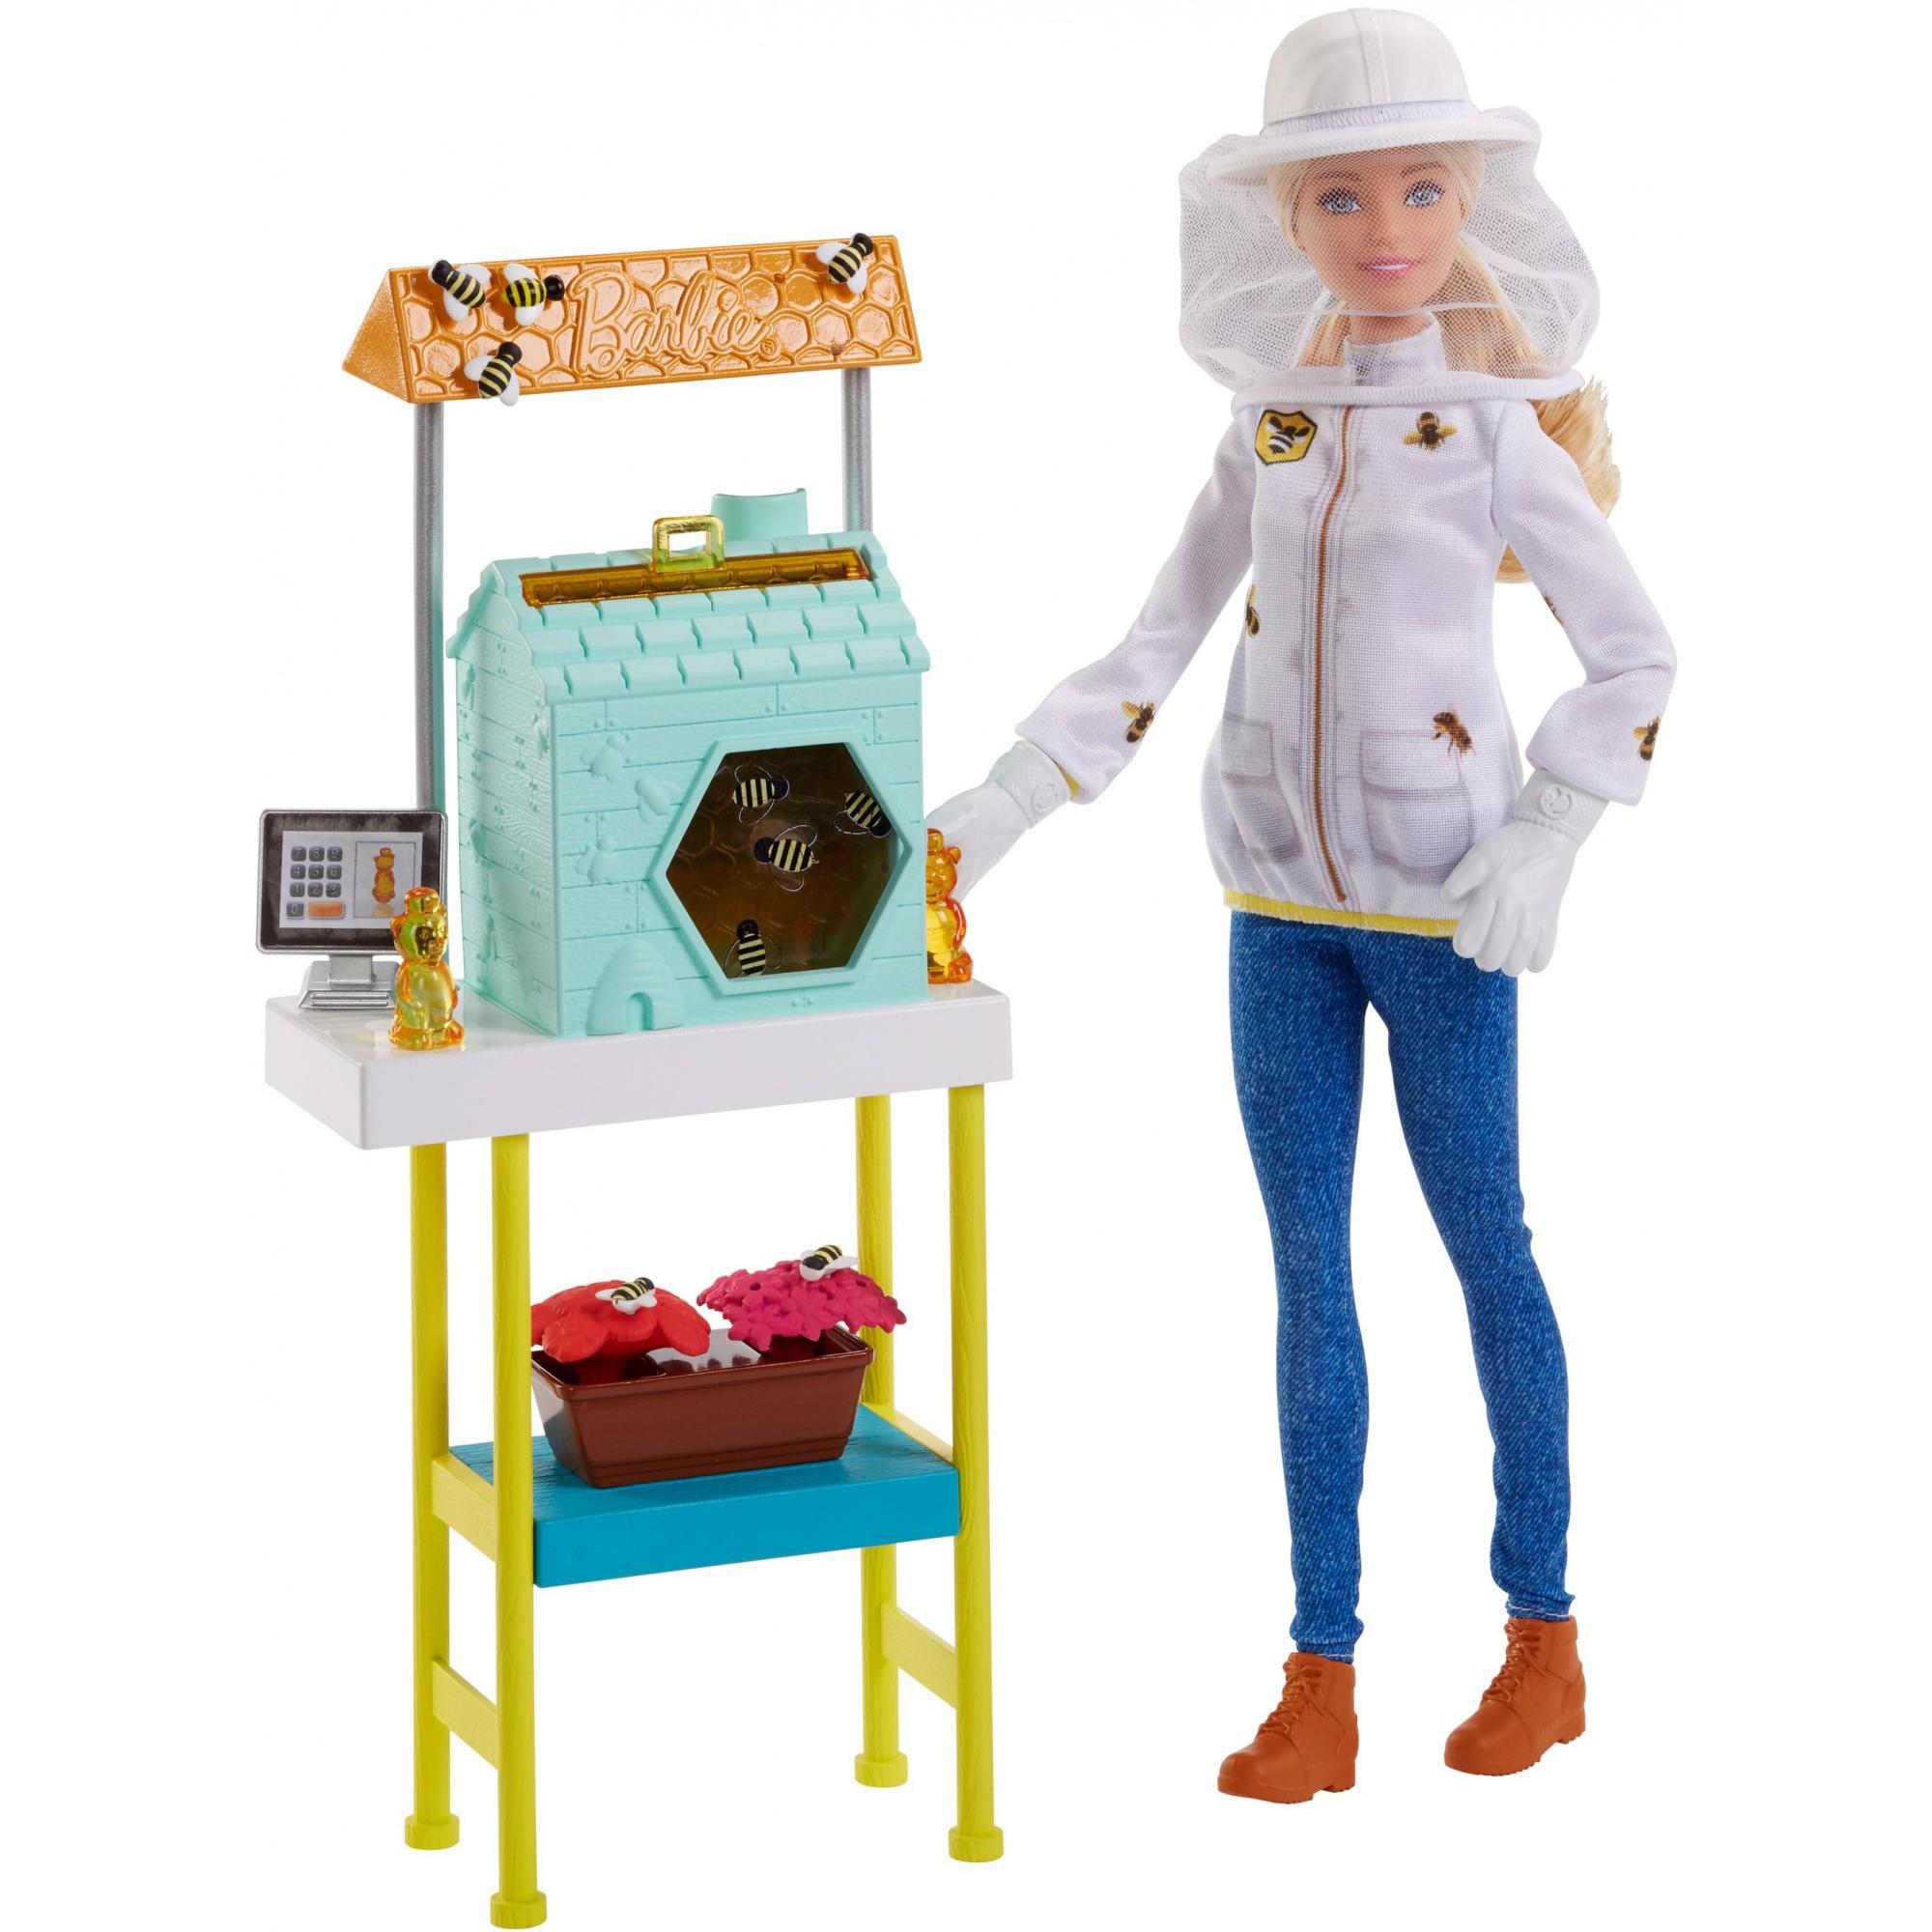 Barbie Careers Beekeeper Playset, Blonde